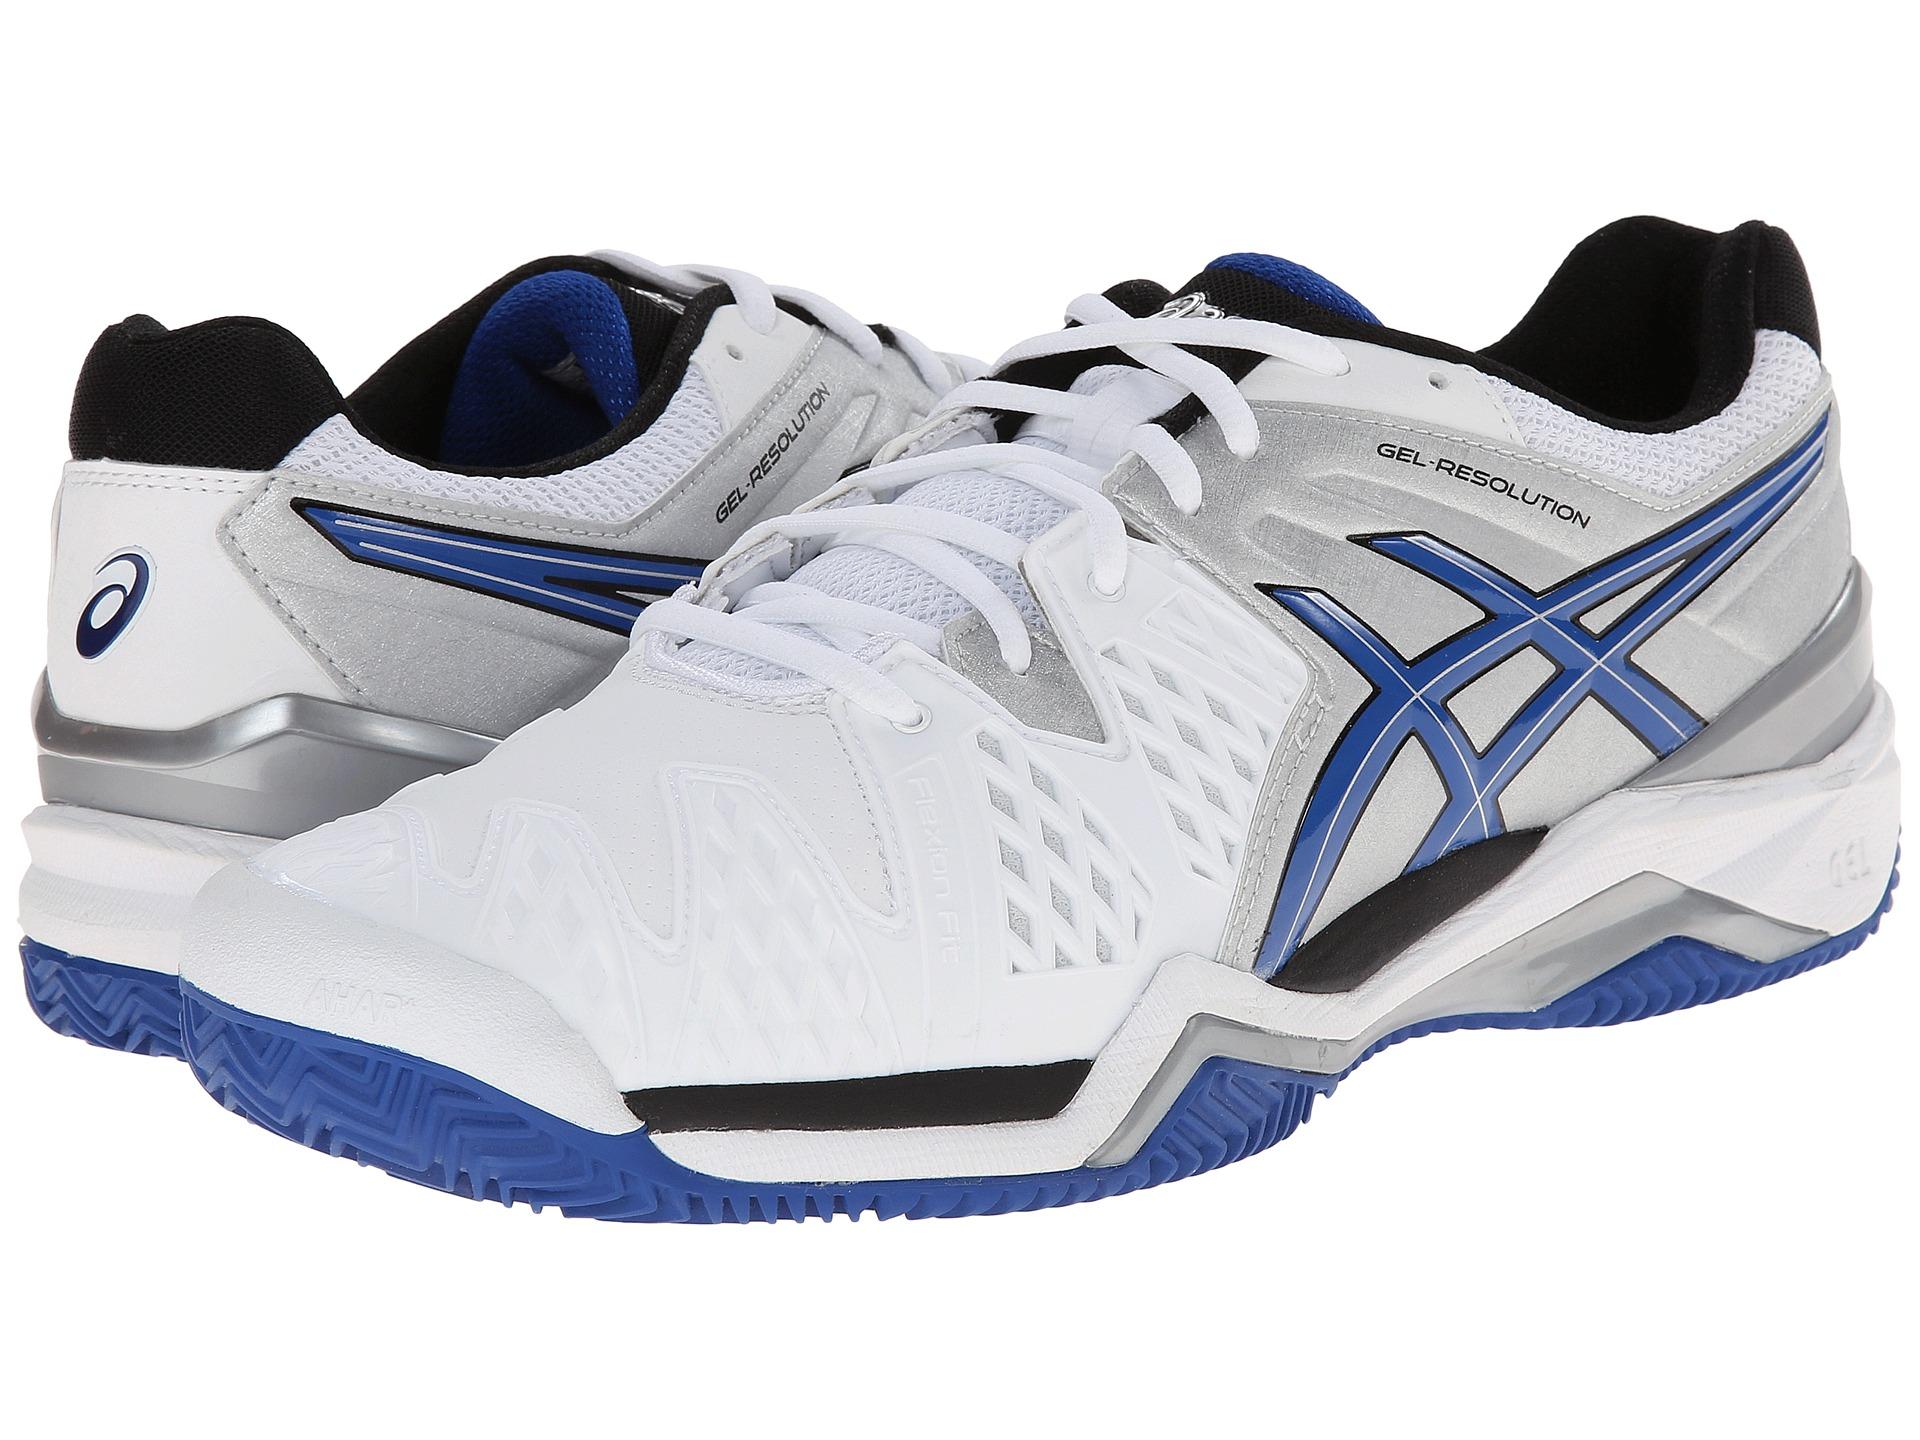 Homebush Nike Shoes Dfo